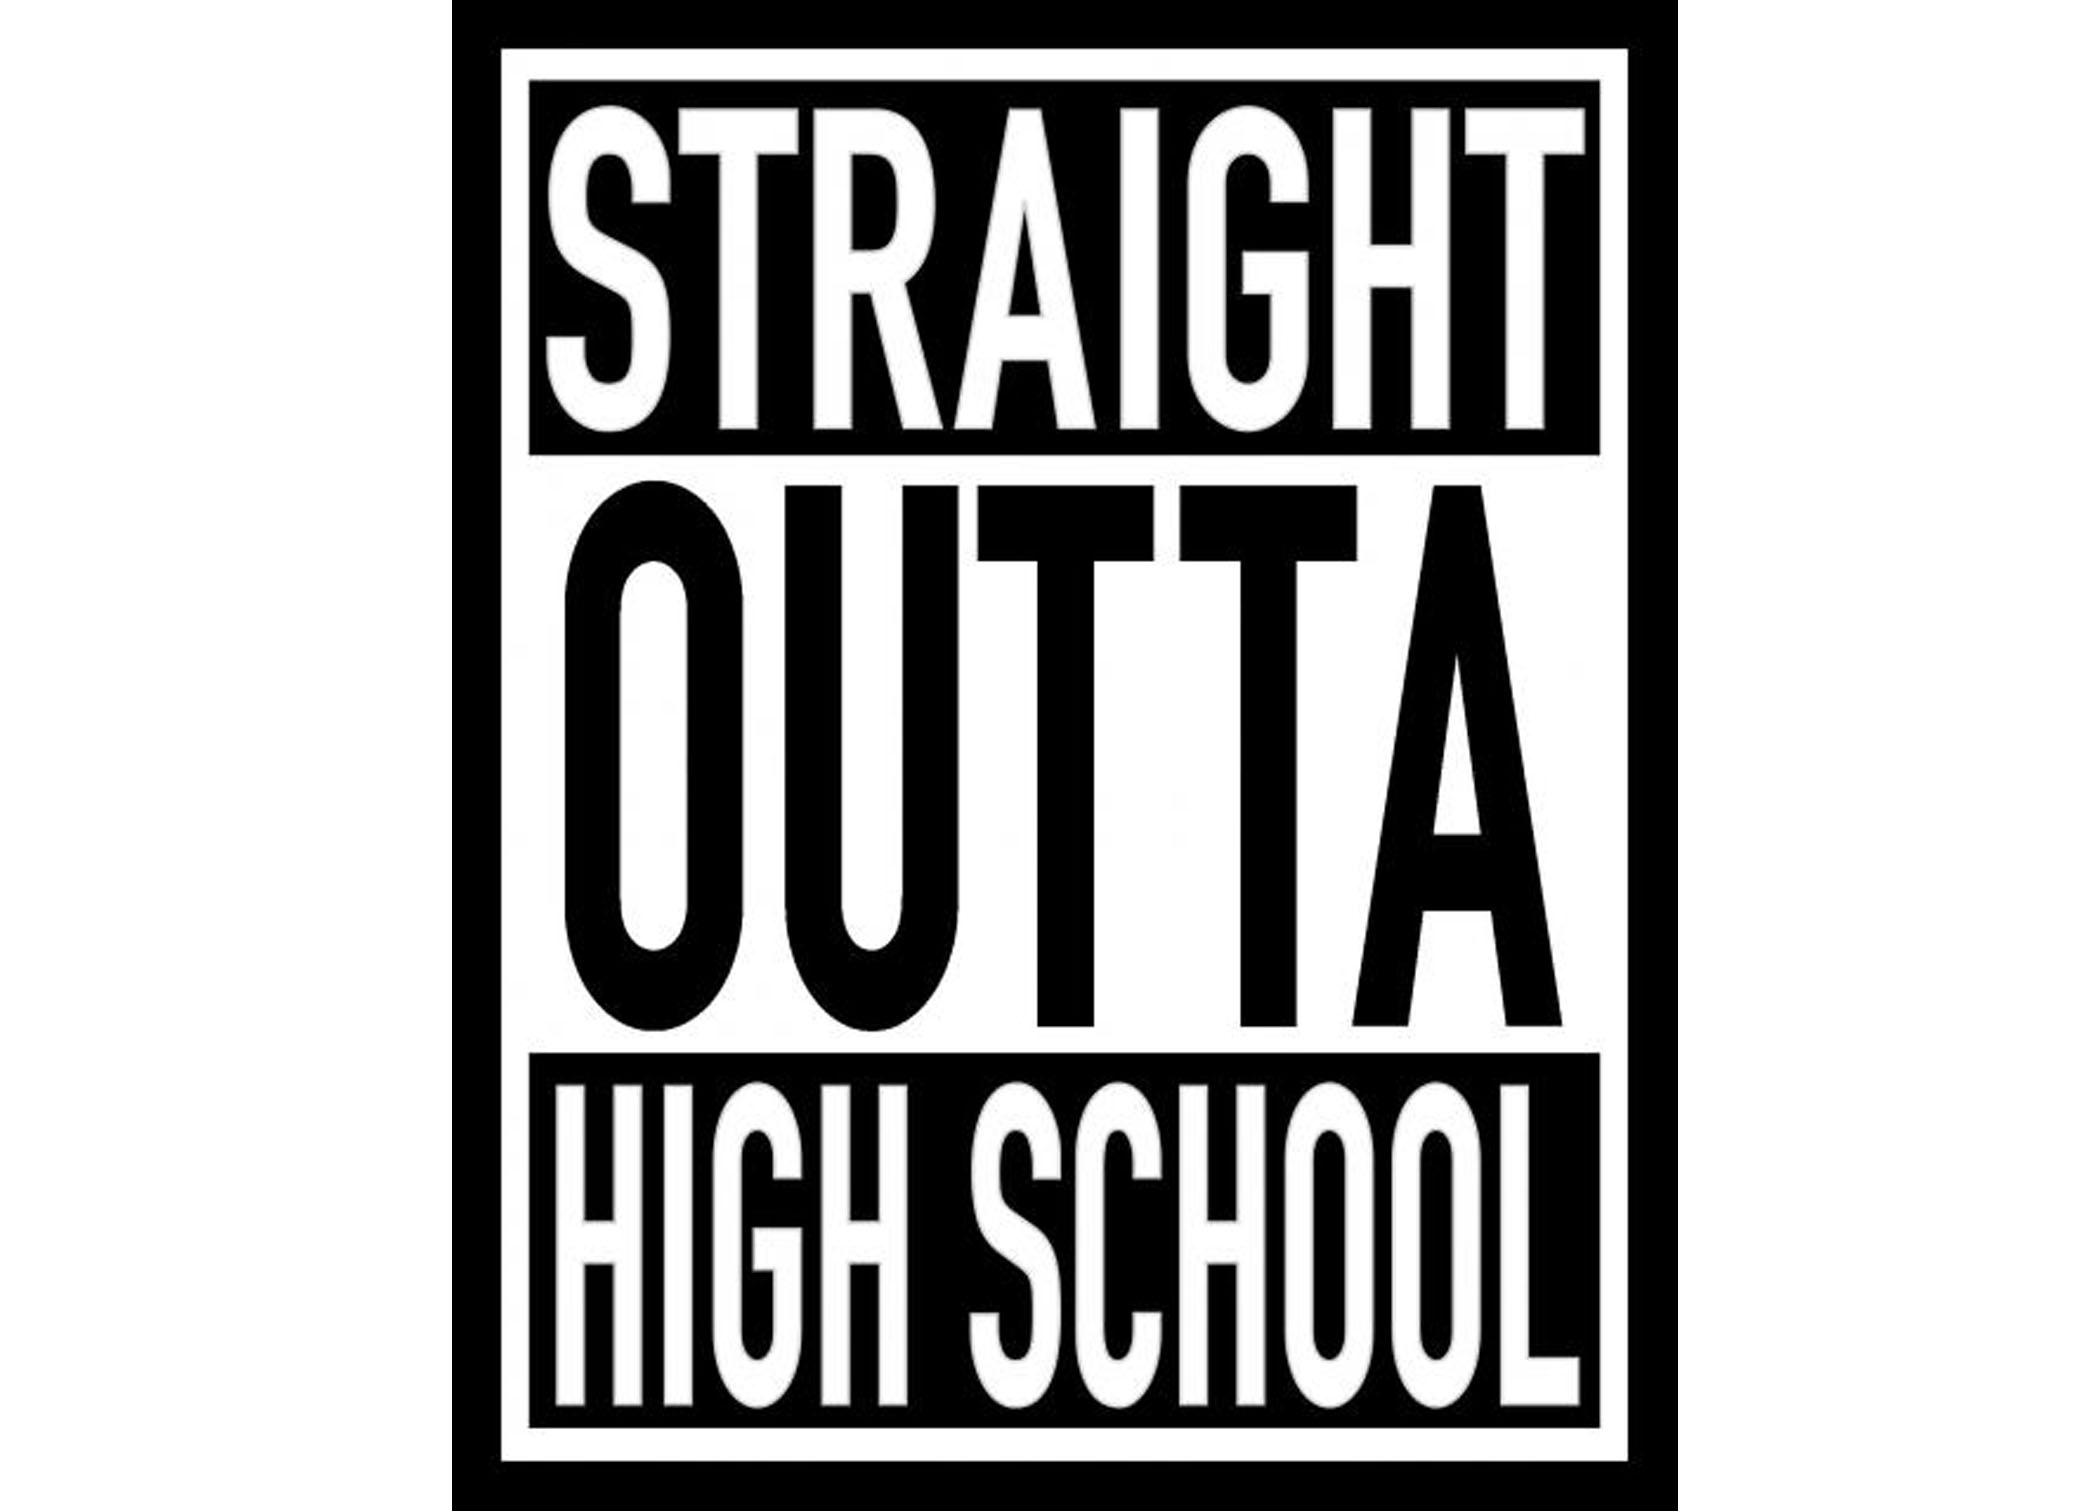 Straight Outta Highschool